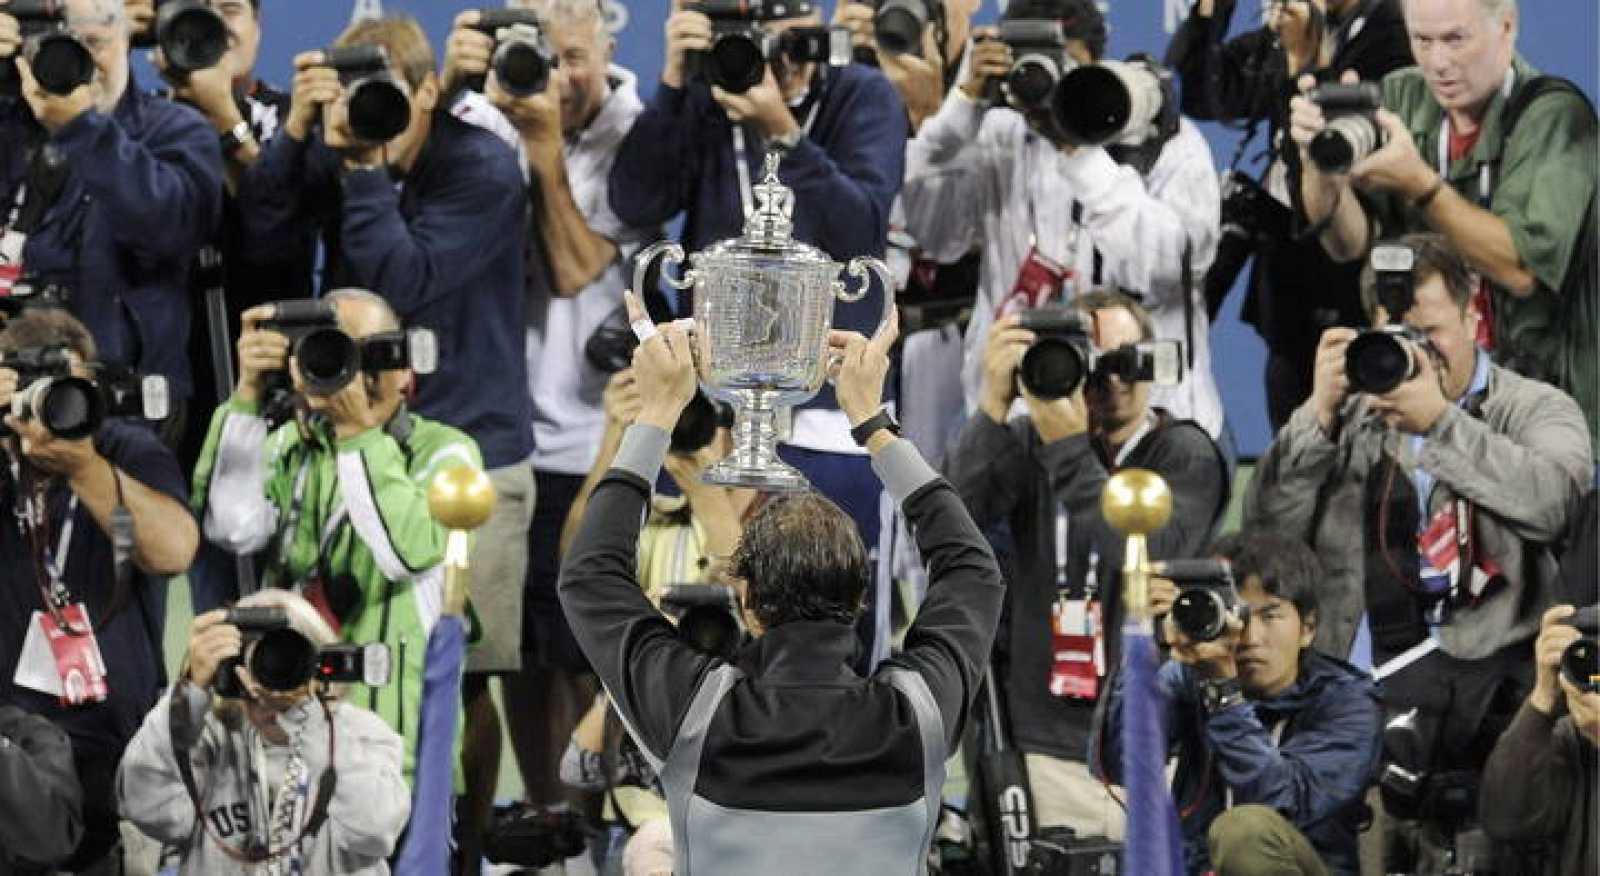 El español Rafael Nadal posa para los fotógrafos con el trofeo del Abierto de Tenis de Estados Unidos después de derrotar al serbio Novak Djokovic.